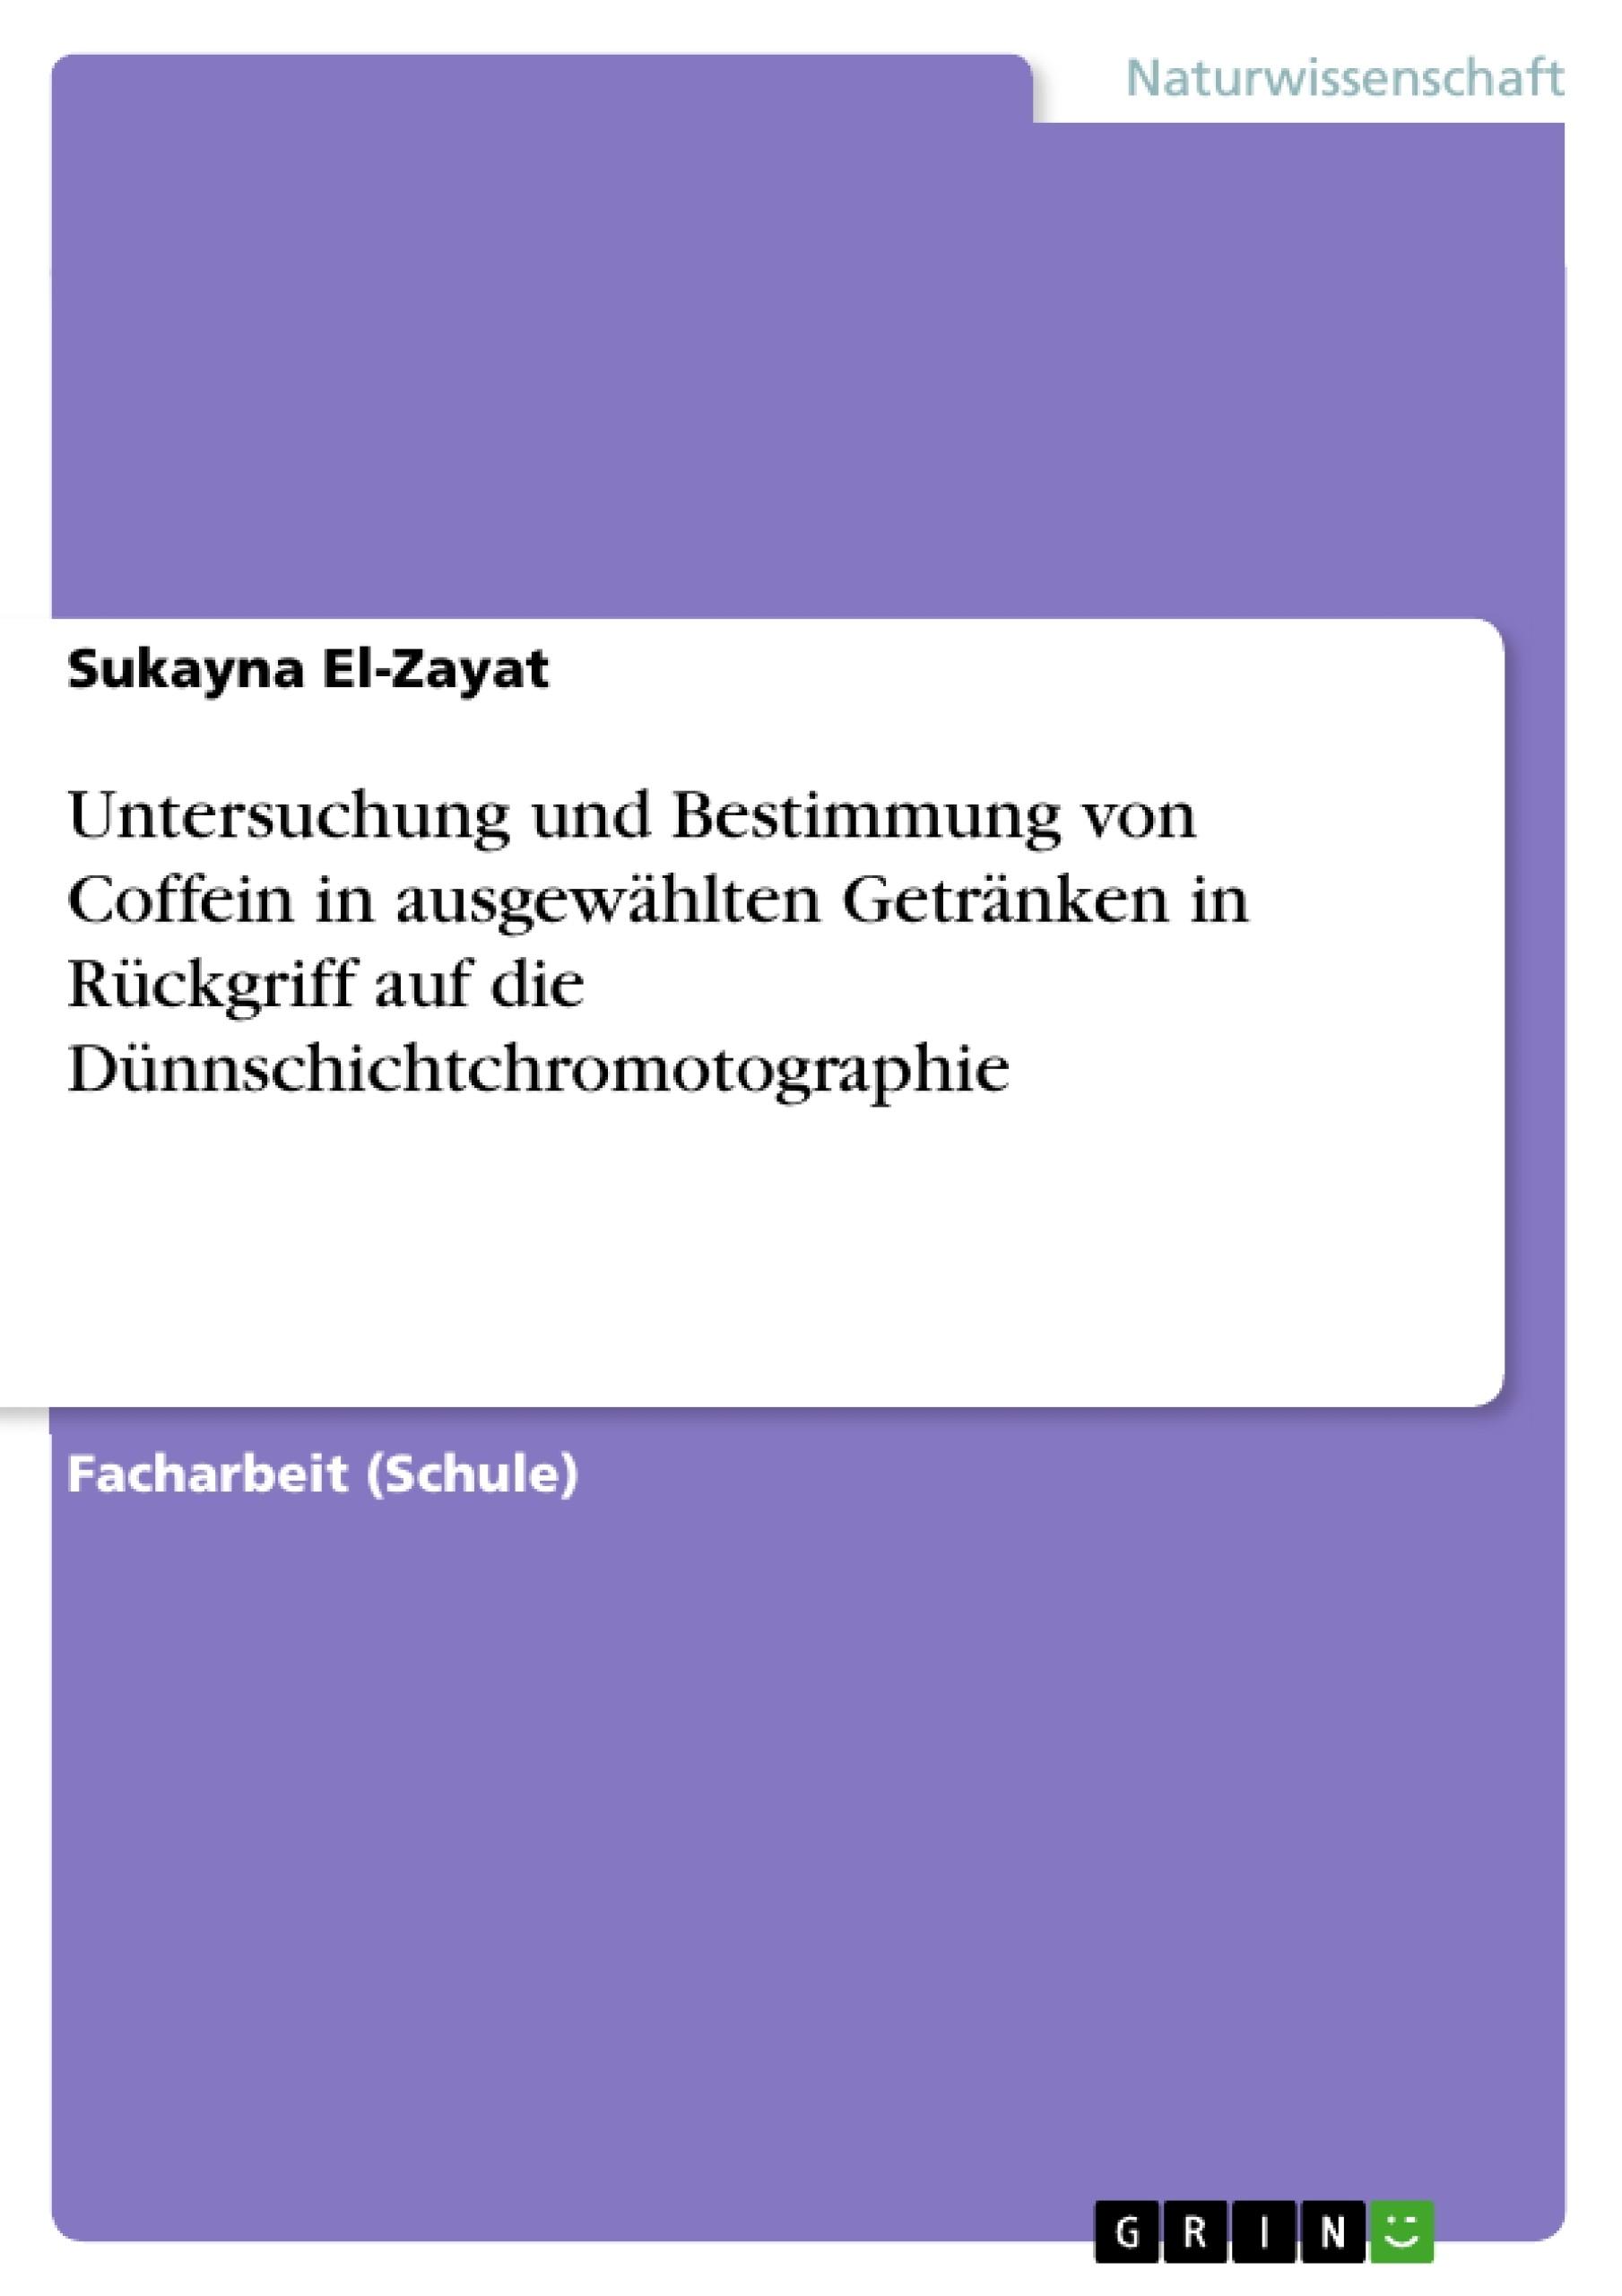 Titel: Untersuchung und Bestimmung von Coffein in ausgewählten Getränken in Rückgriff auf die Dünnschichtchromotographie